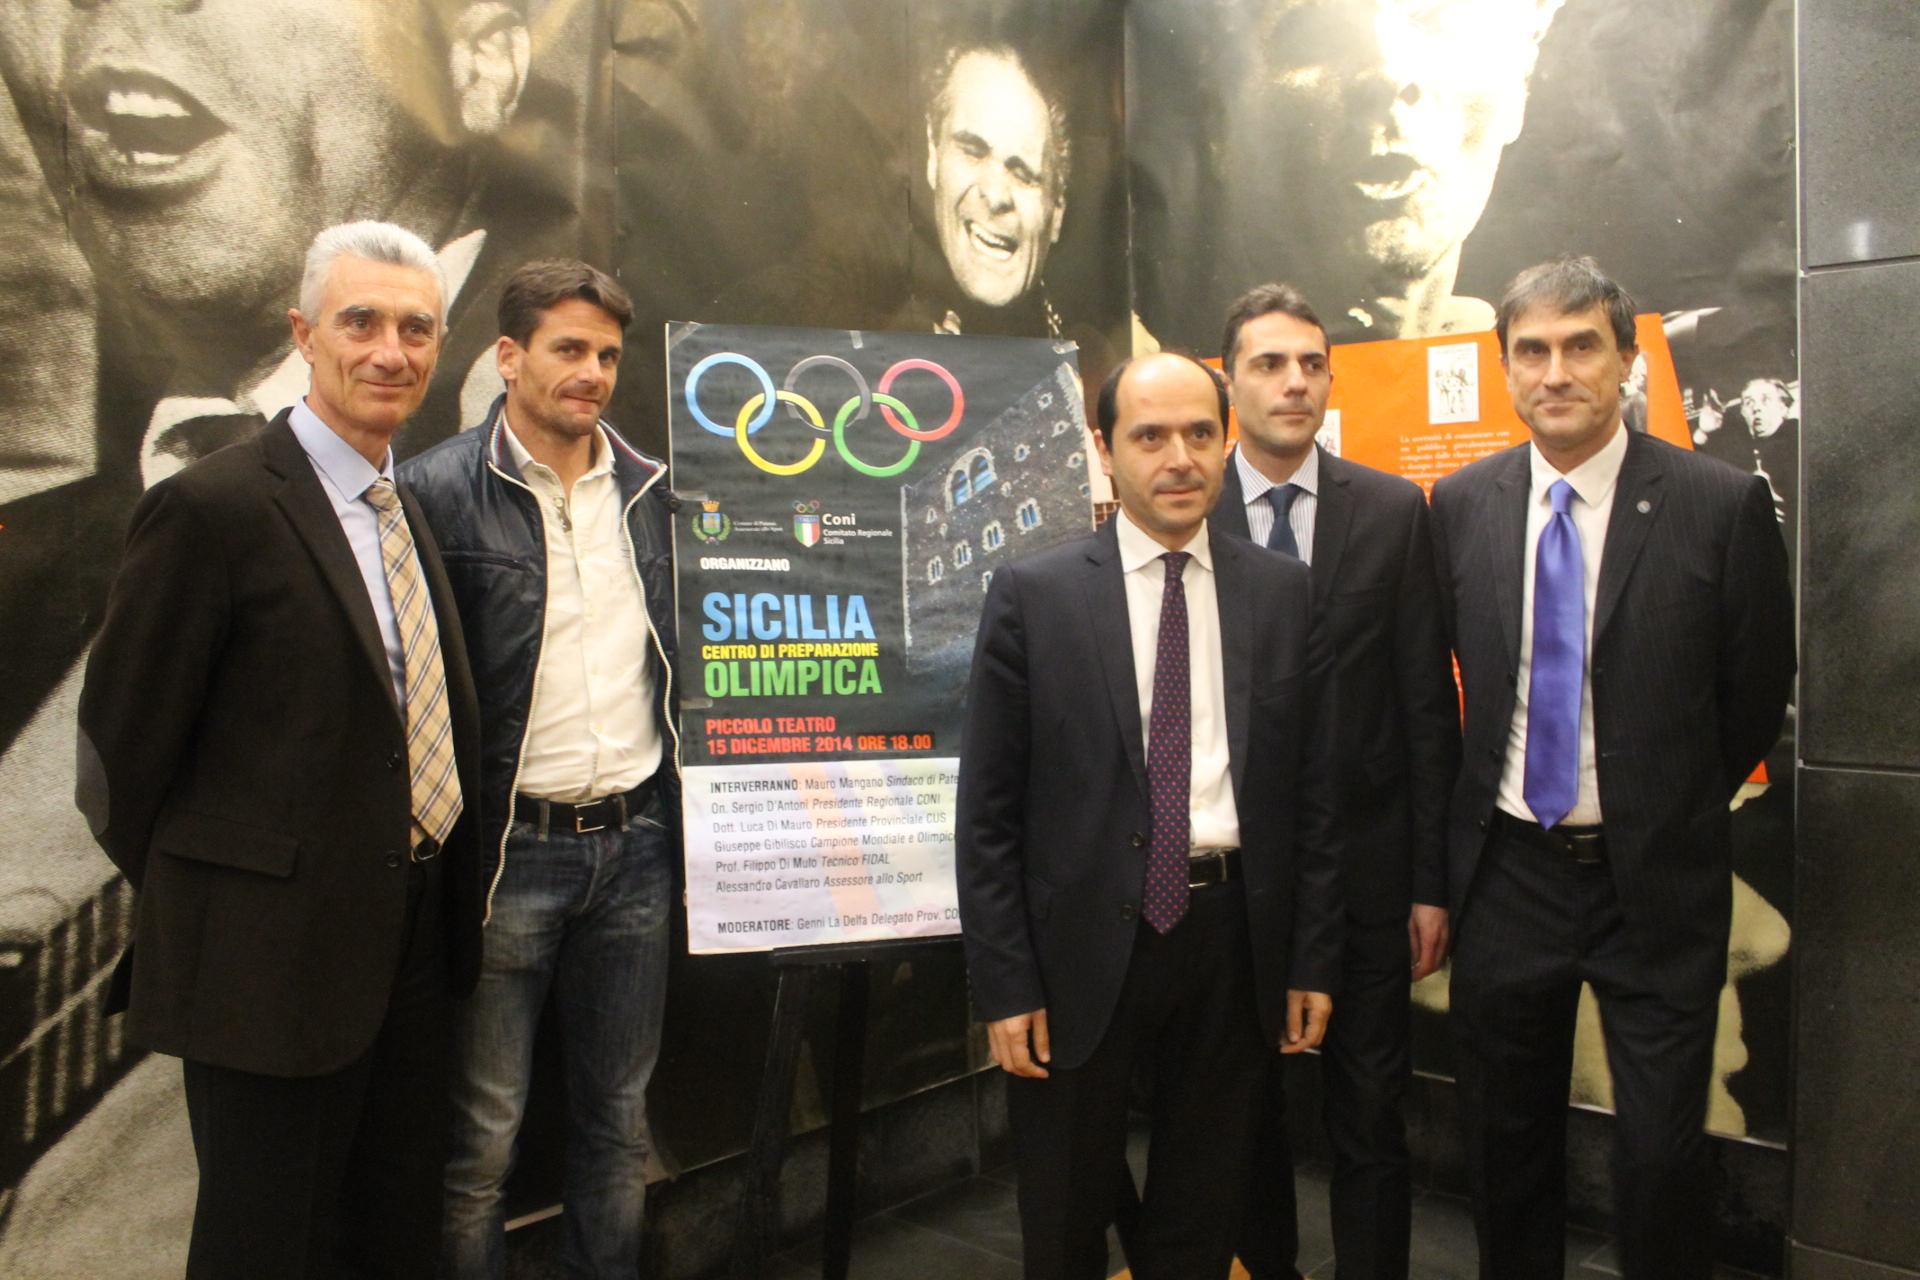 """""""Sicilia mia, Sicilia bedda"""": il centro olimpico è una cosa possibile"""